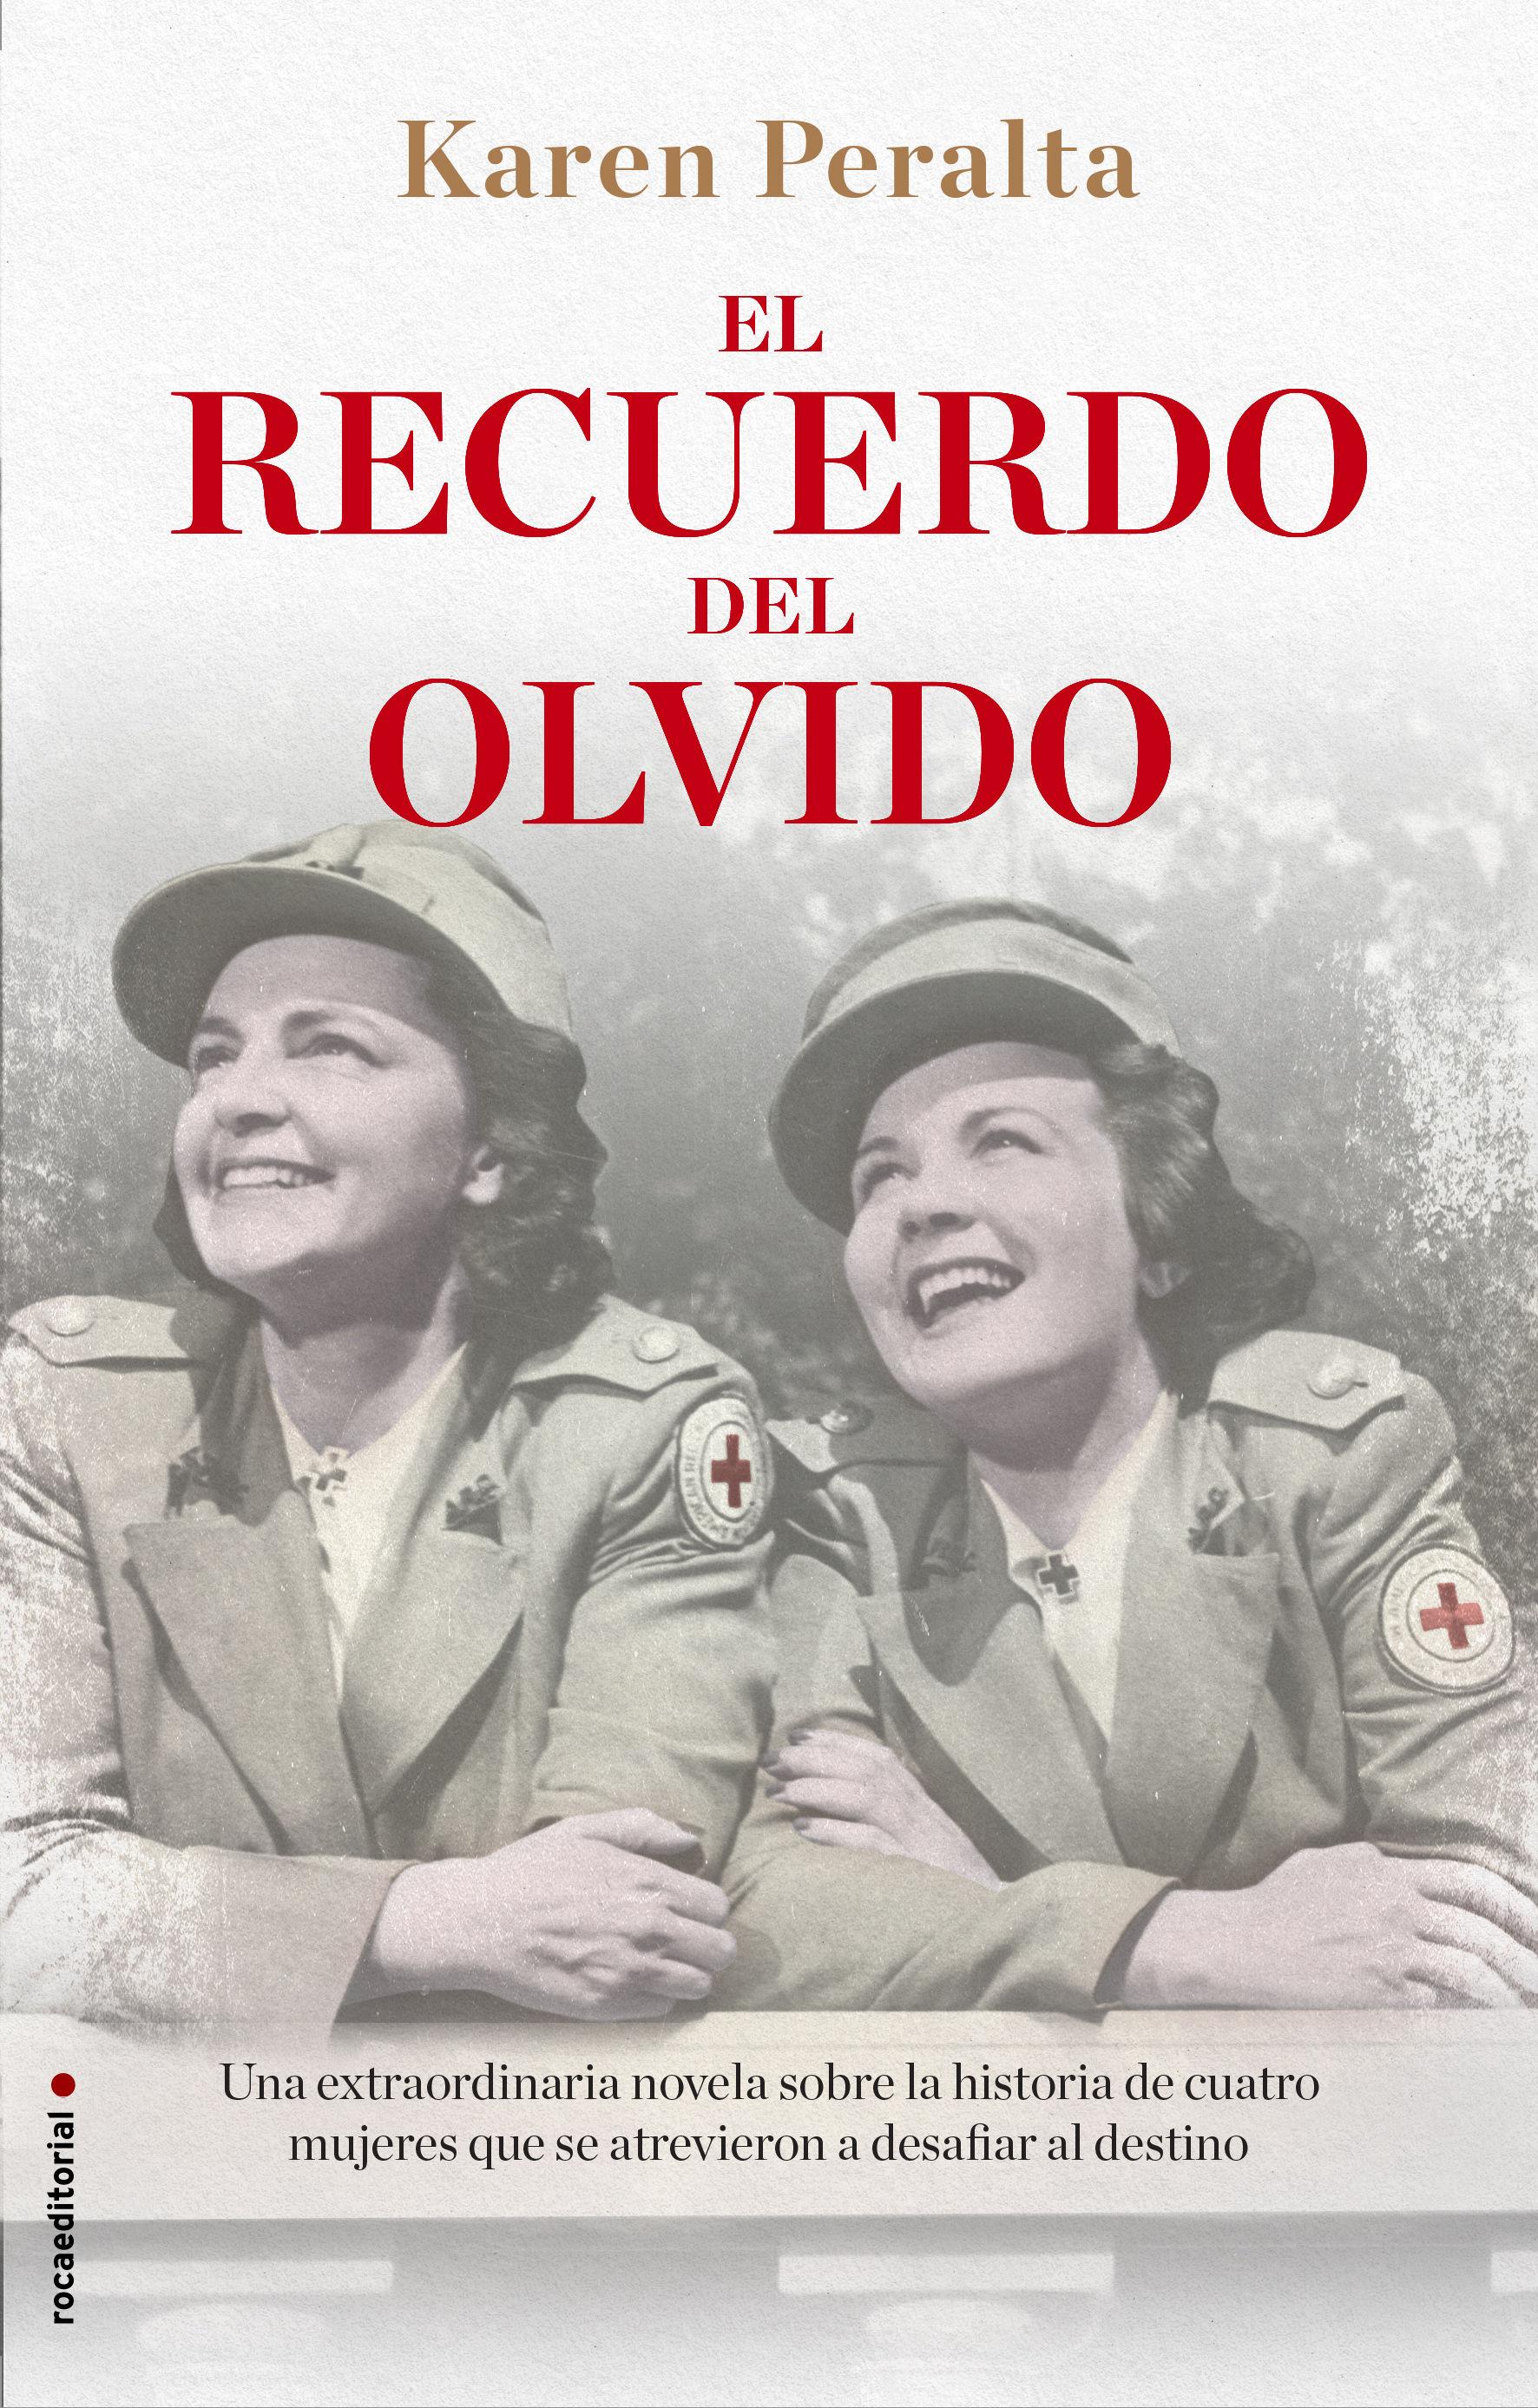 EL RECUERDO DEL OLVIDO